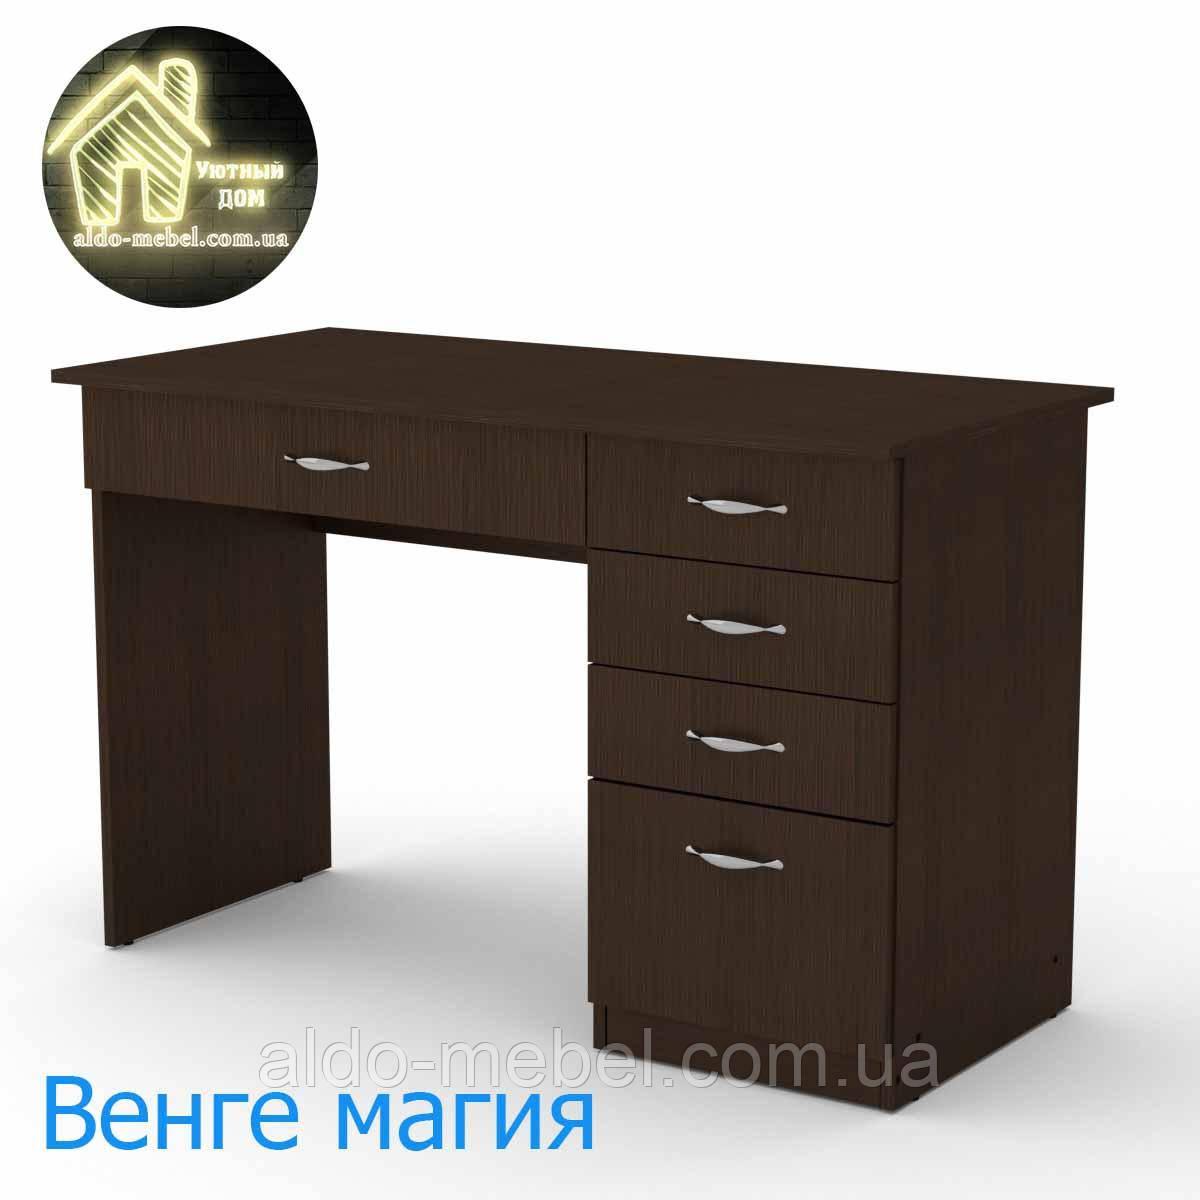 Стол письменный Студент Габариты Ш - 1155 мм; В - 736 мм; Г - 550 мм (Компанит)